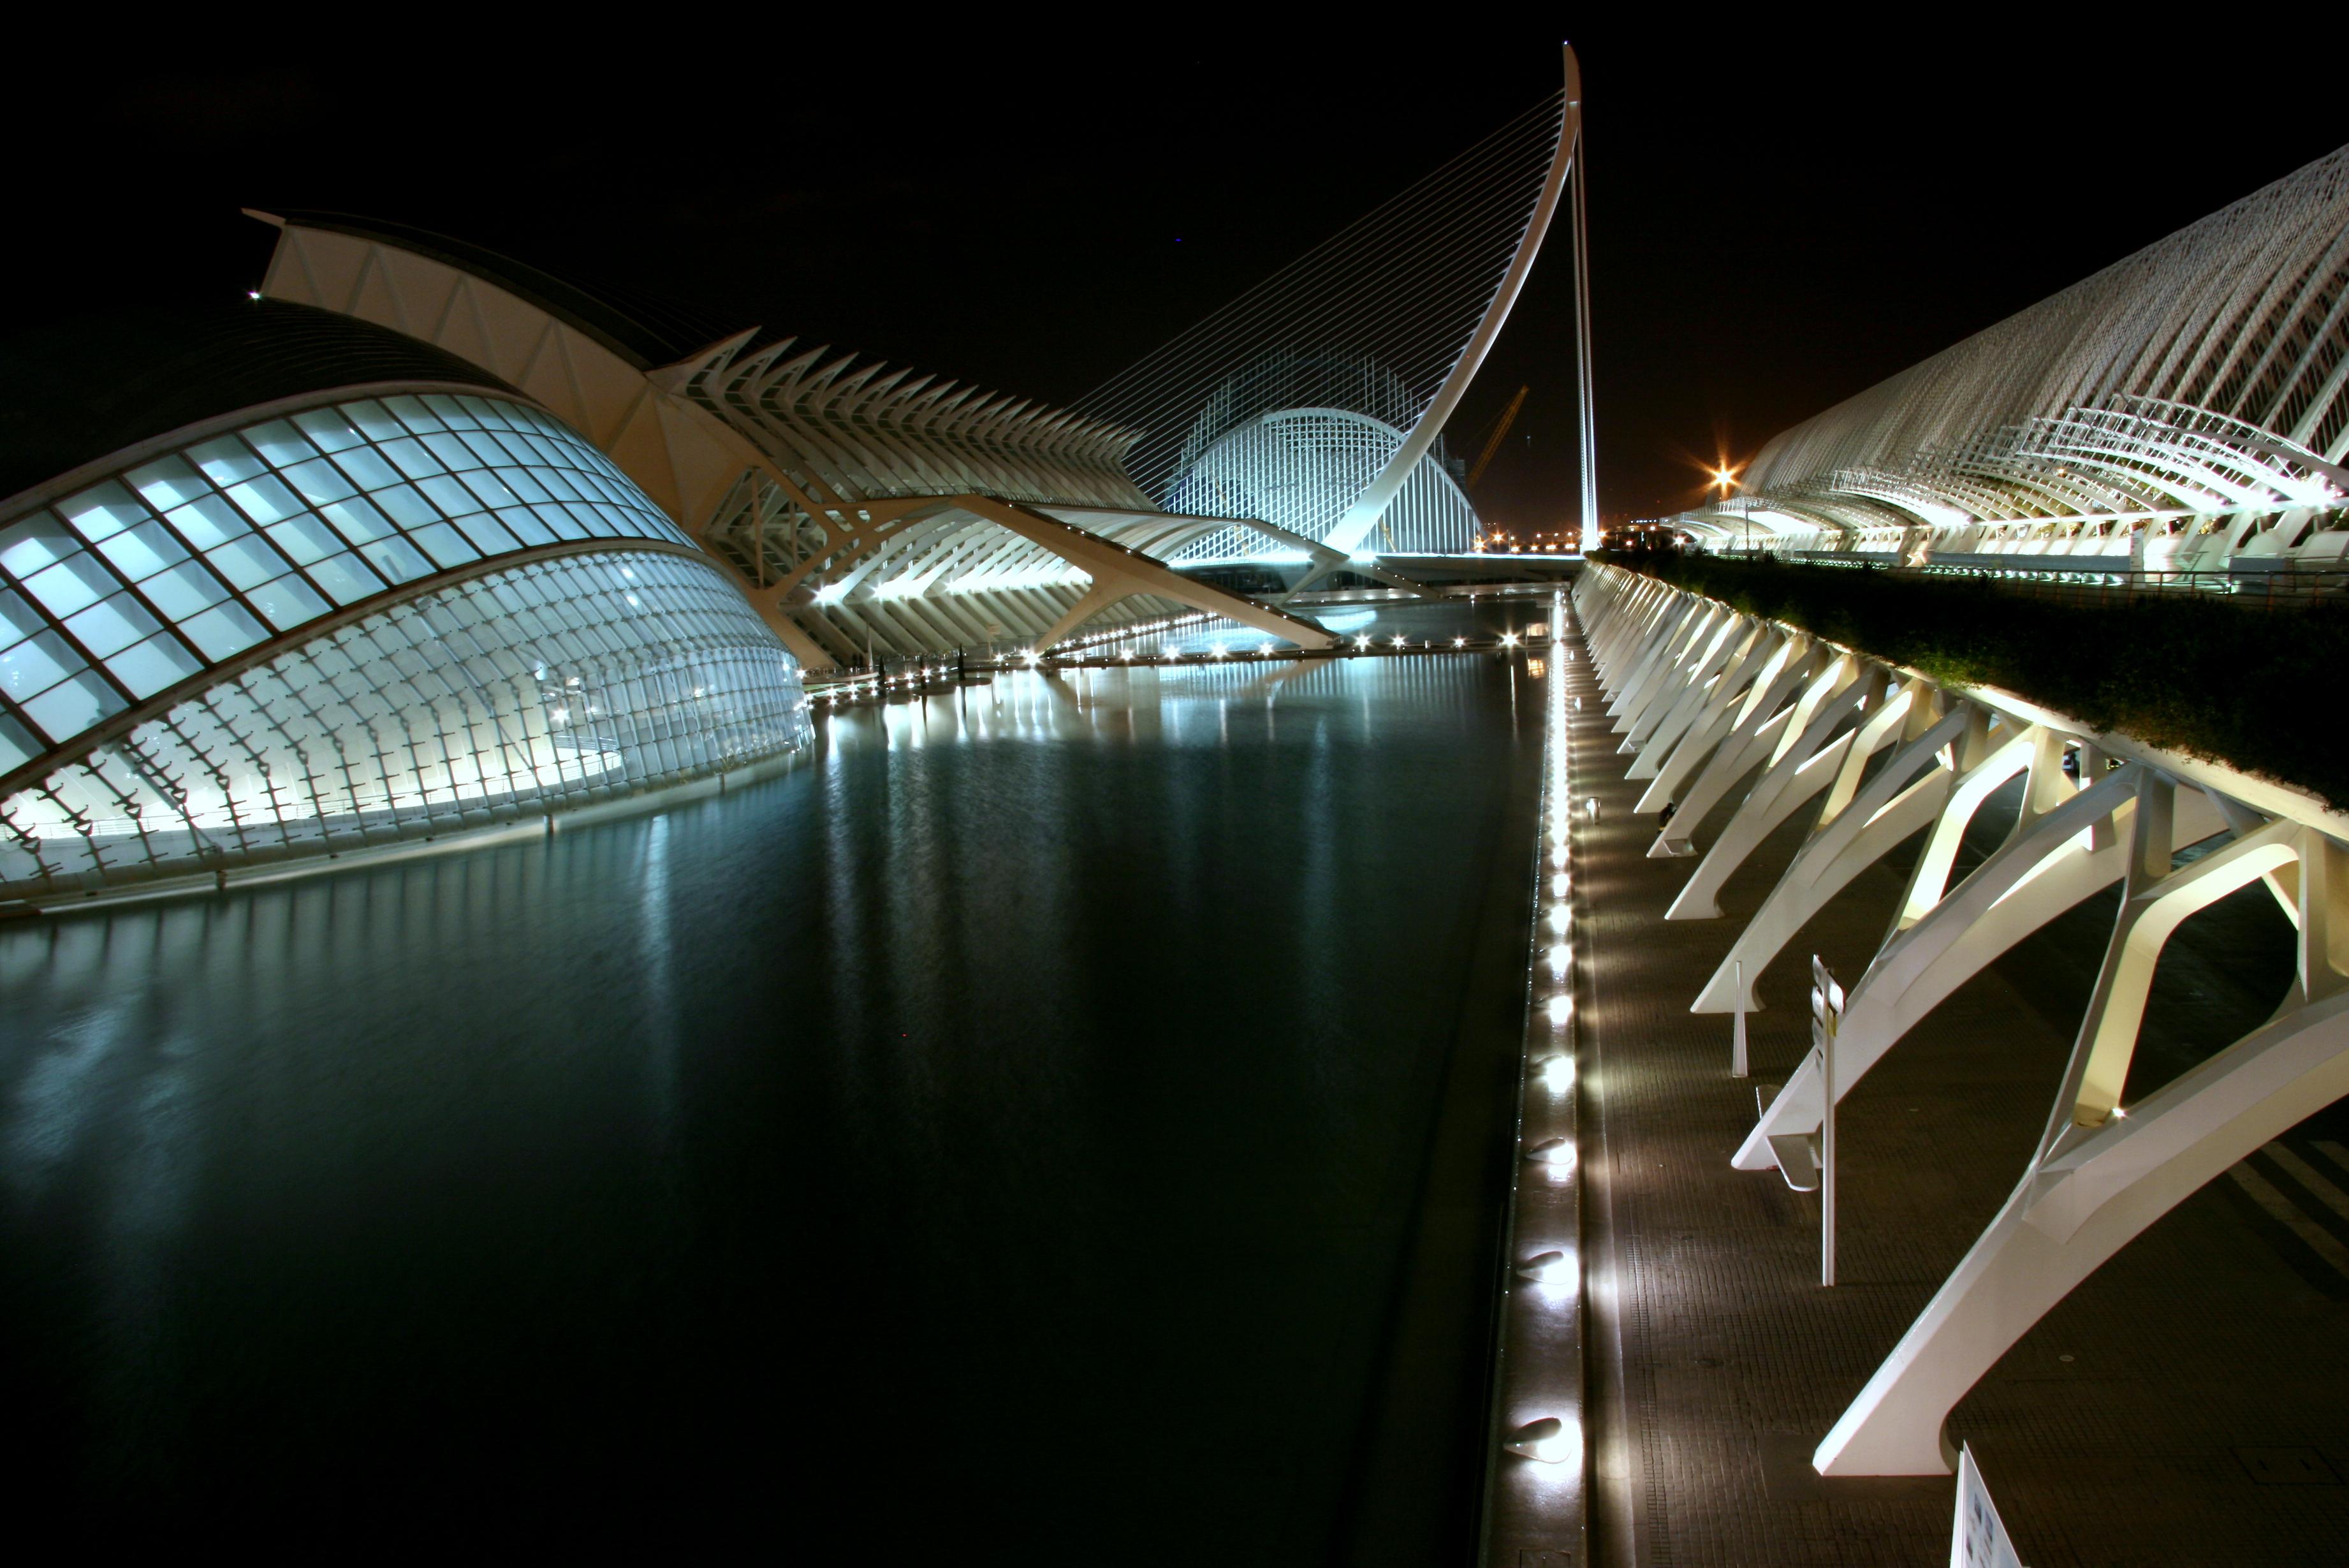 File:Noche Ciudad Artes Ciencias.jpg - Wikimedia Commons